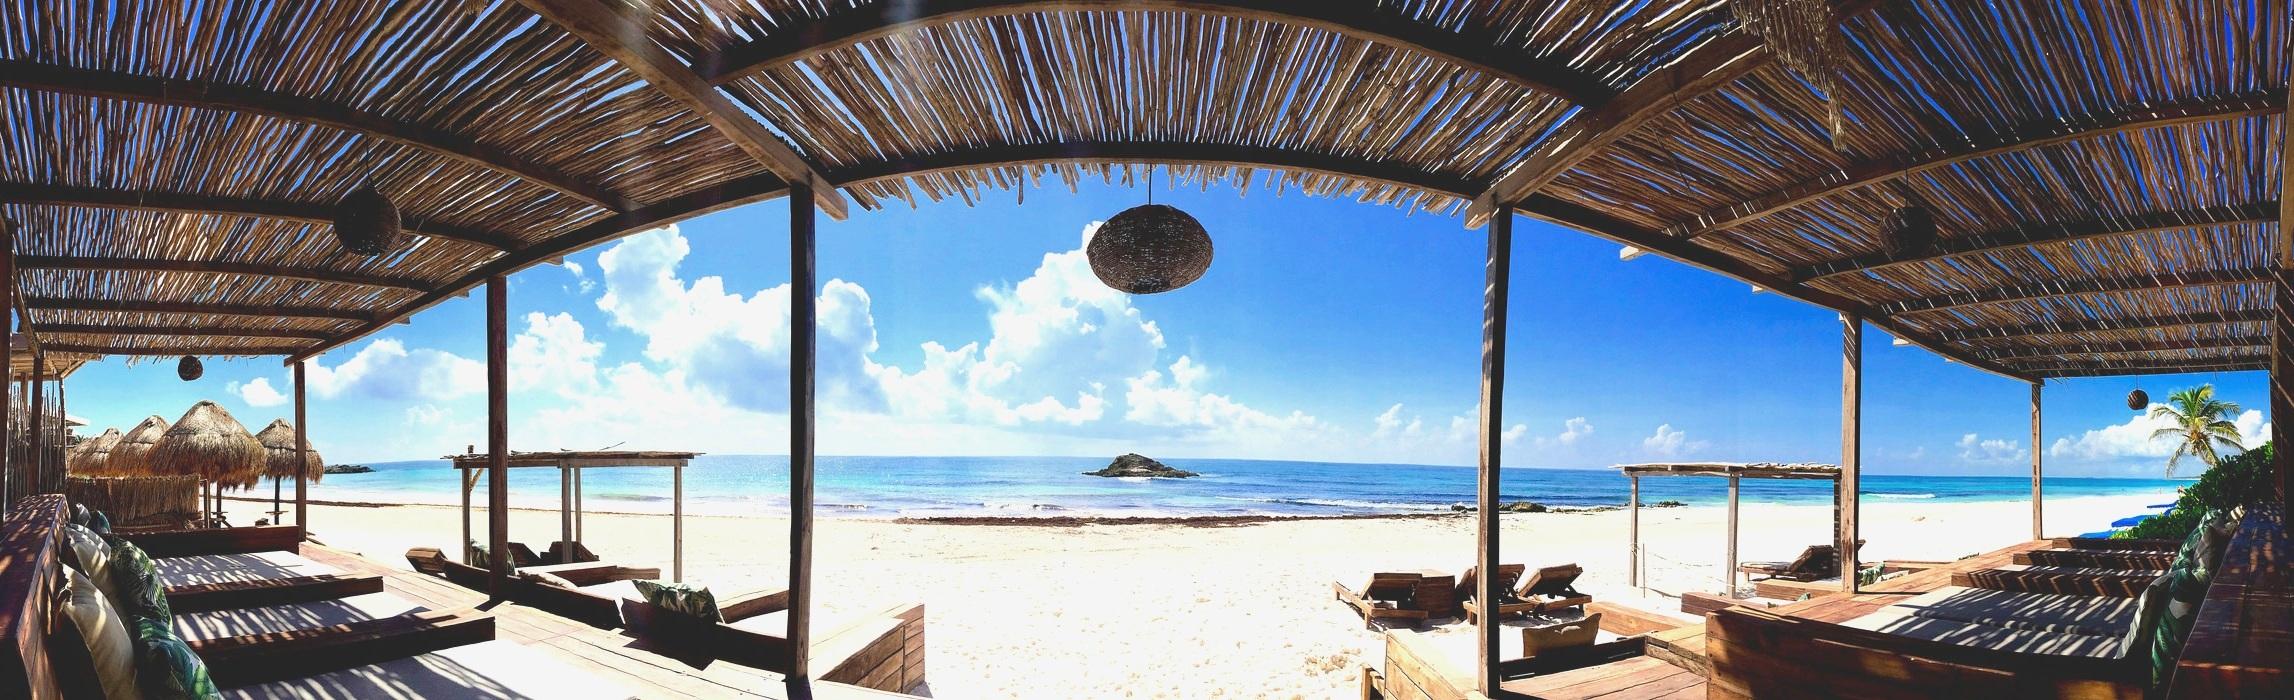 Beachfront%2B%2B%25281%2529.jpg